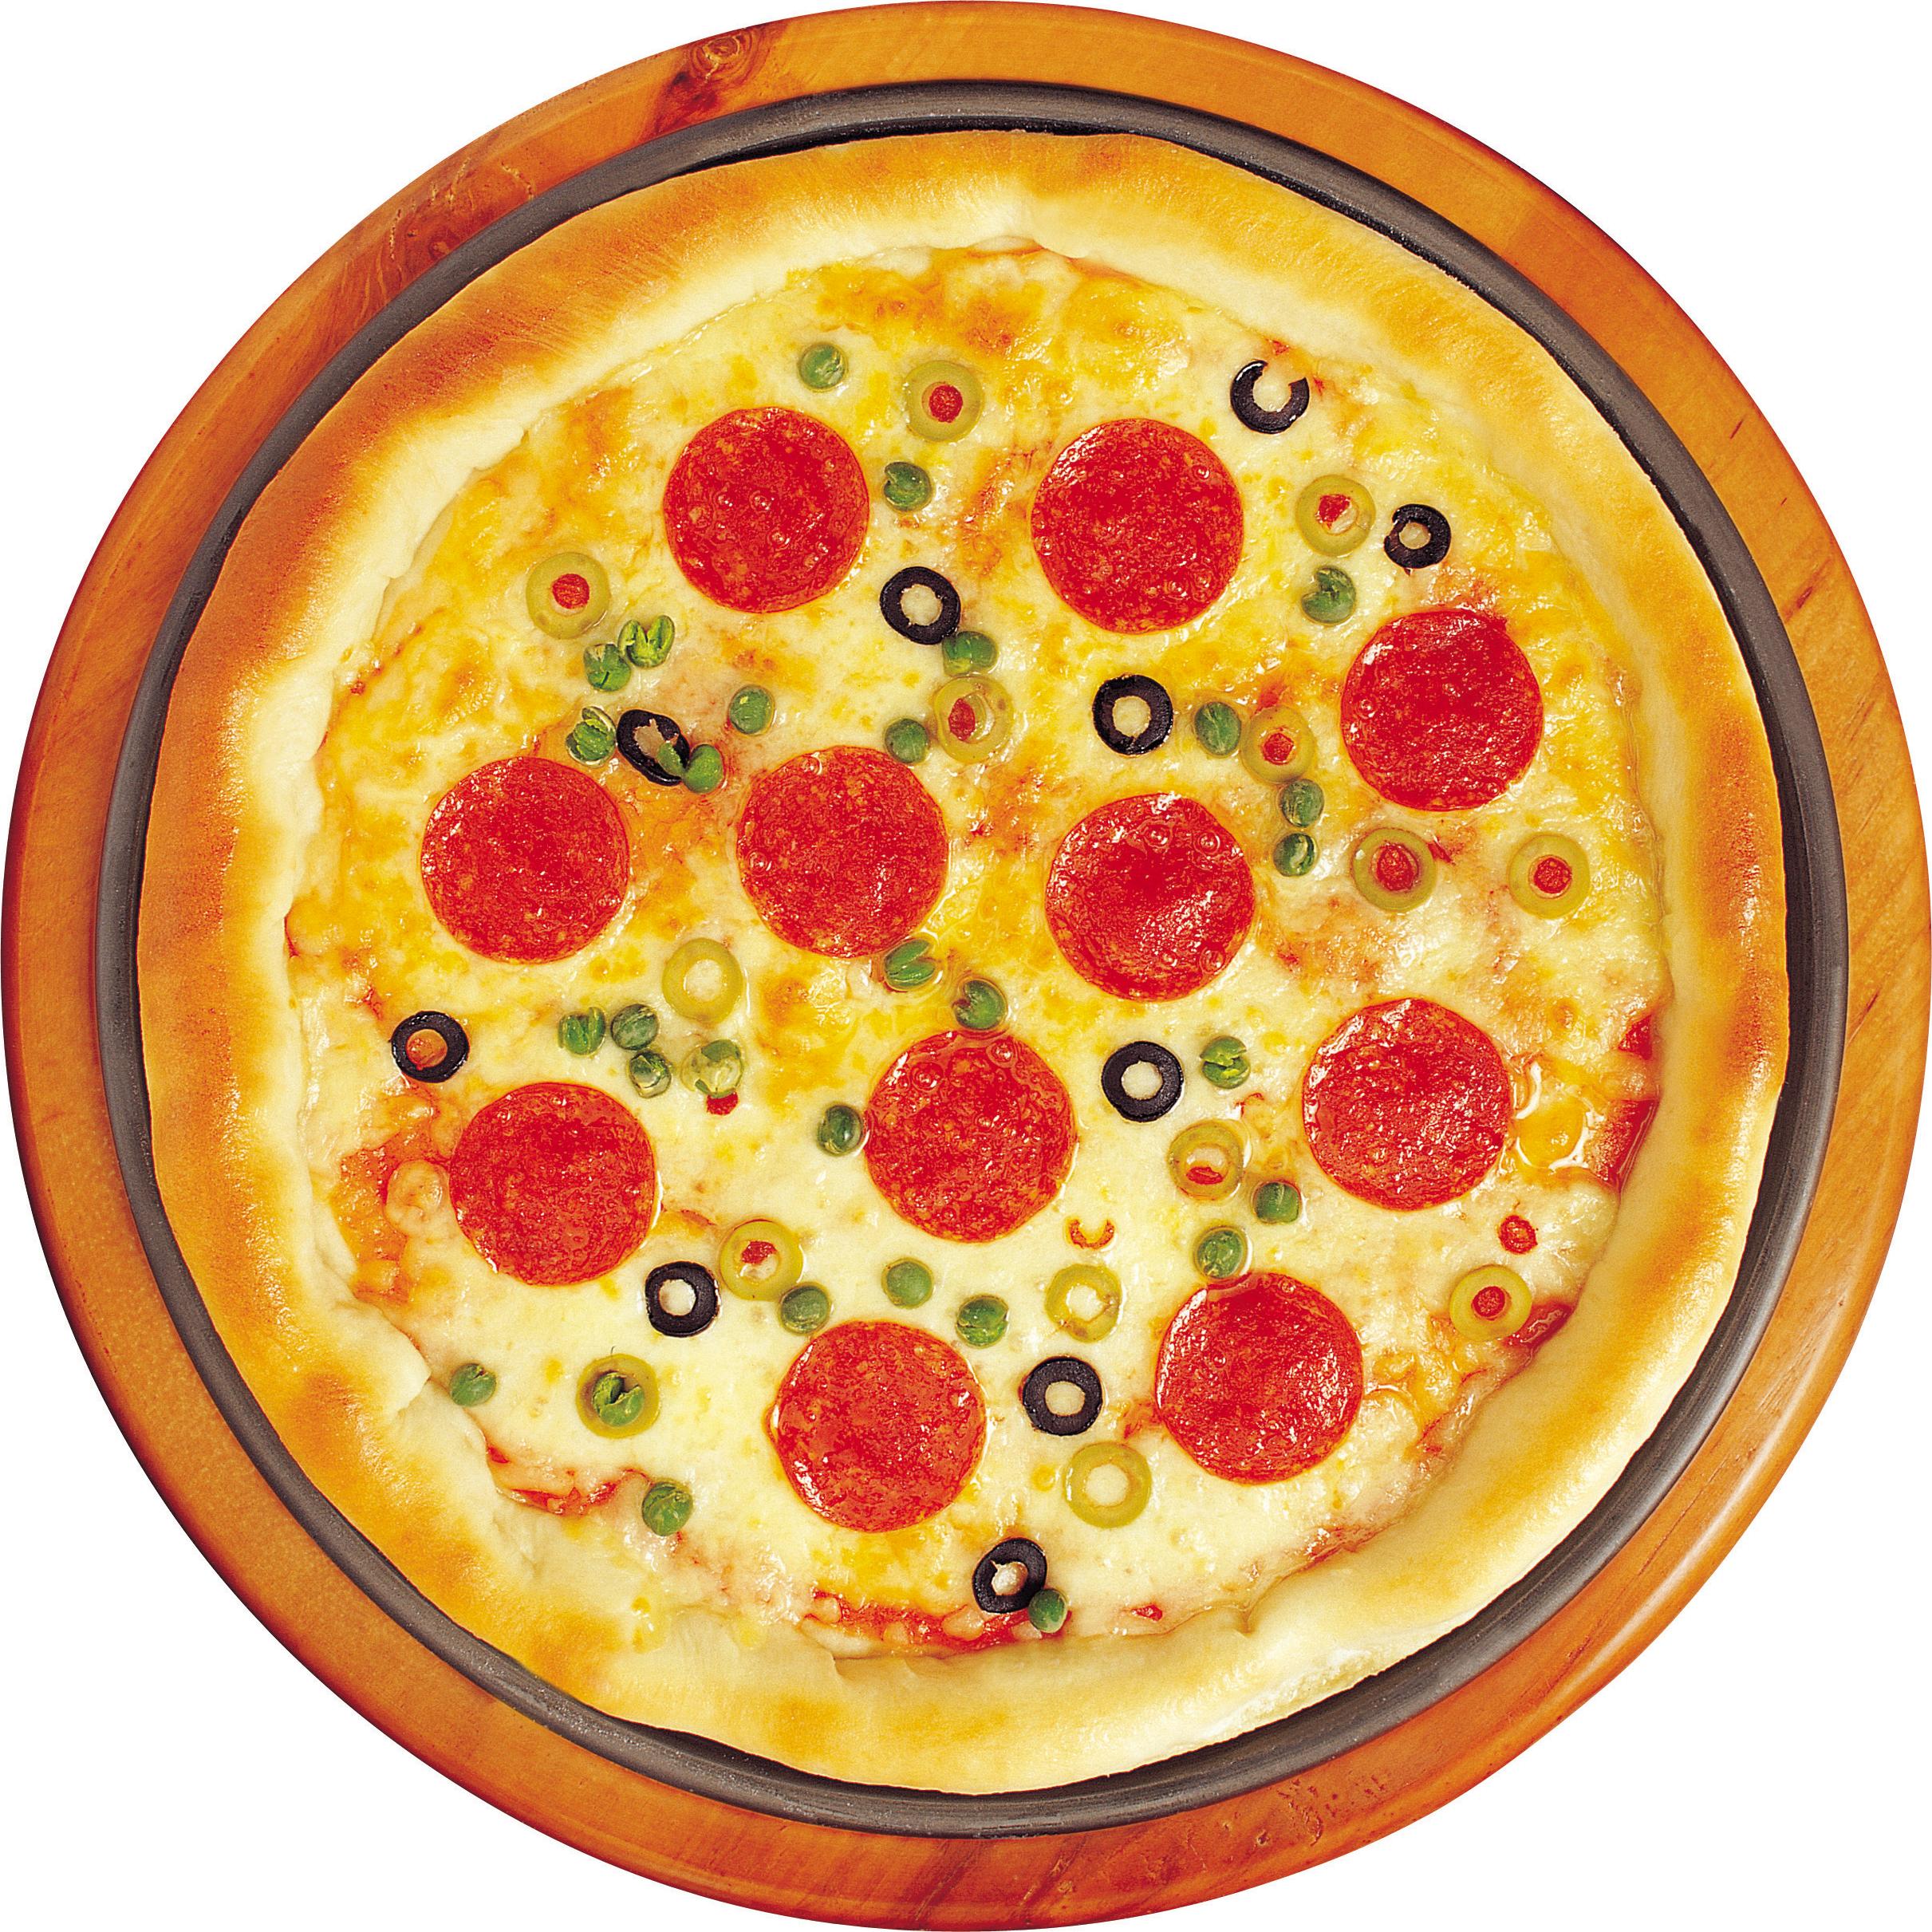 Drawn pizza whole pizza #6